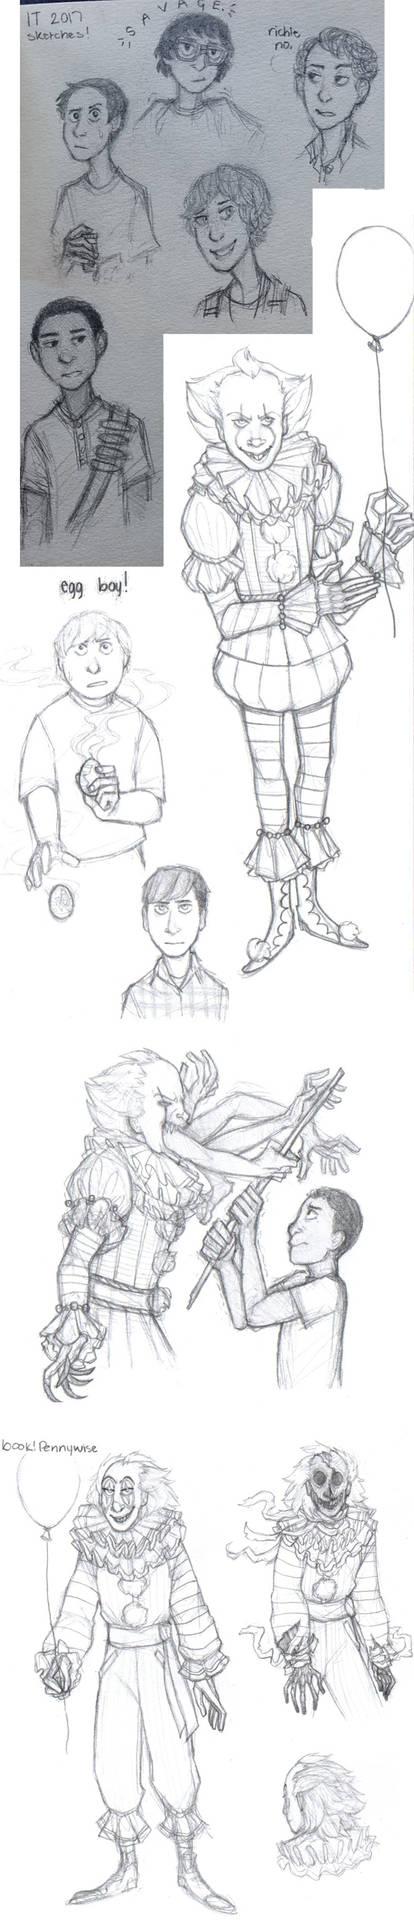 [IT] sketchdump